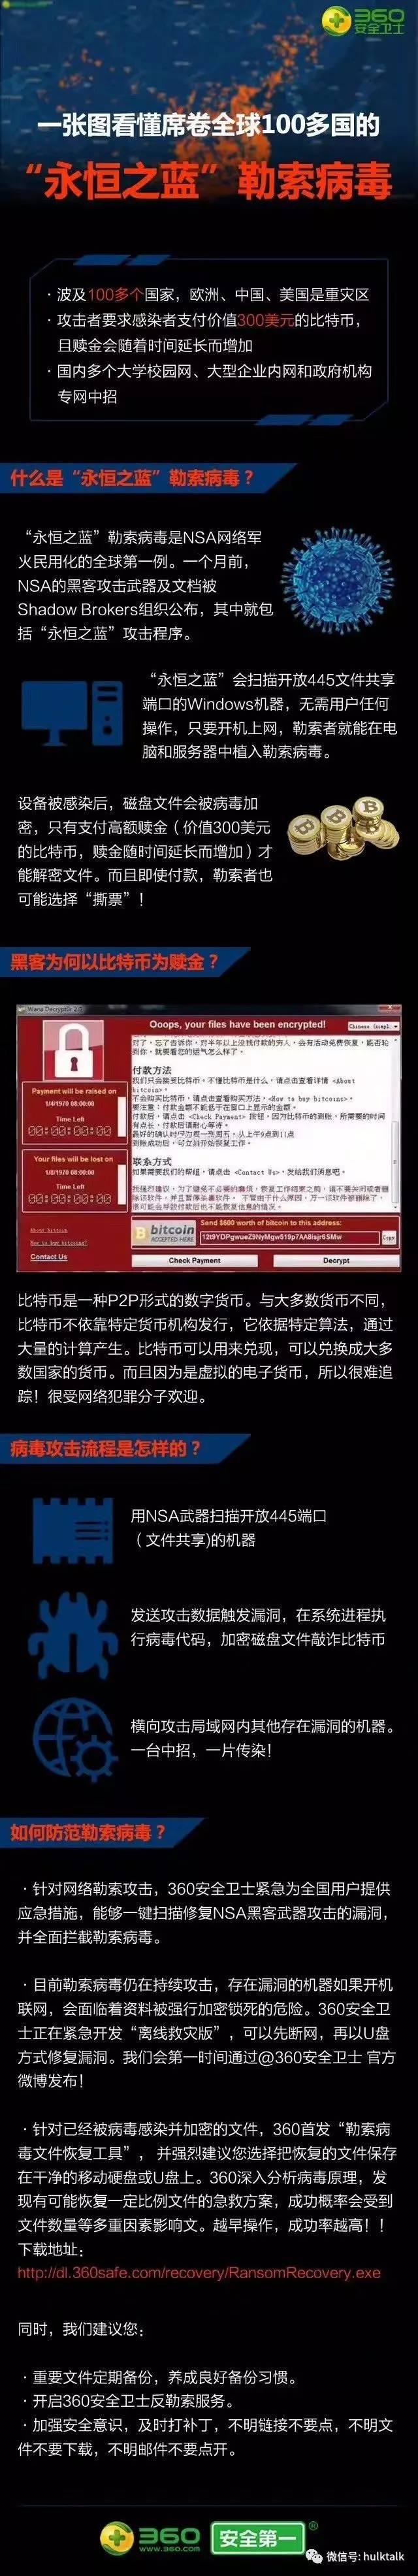 什么是WannaCry永恒之蓝勒索病毒